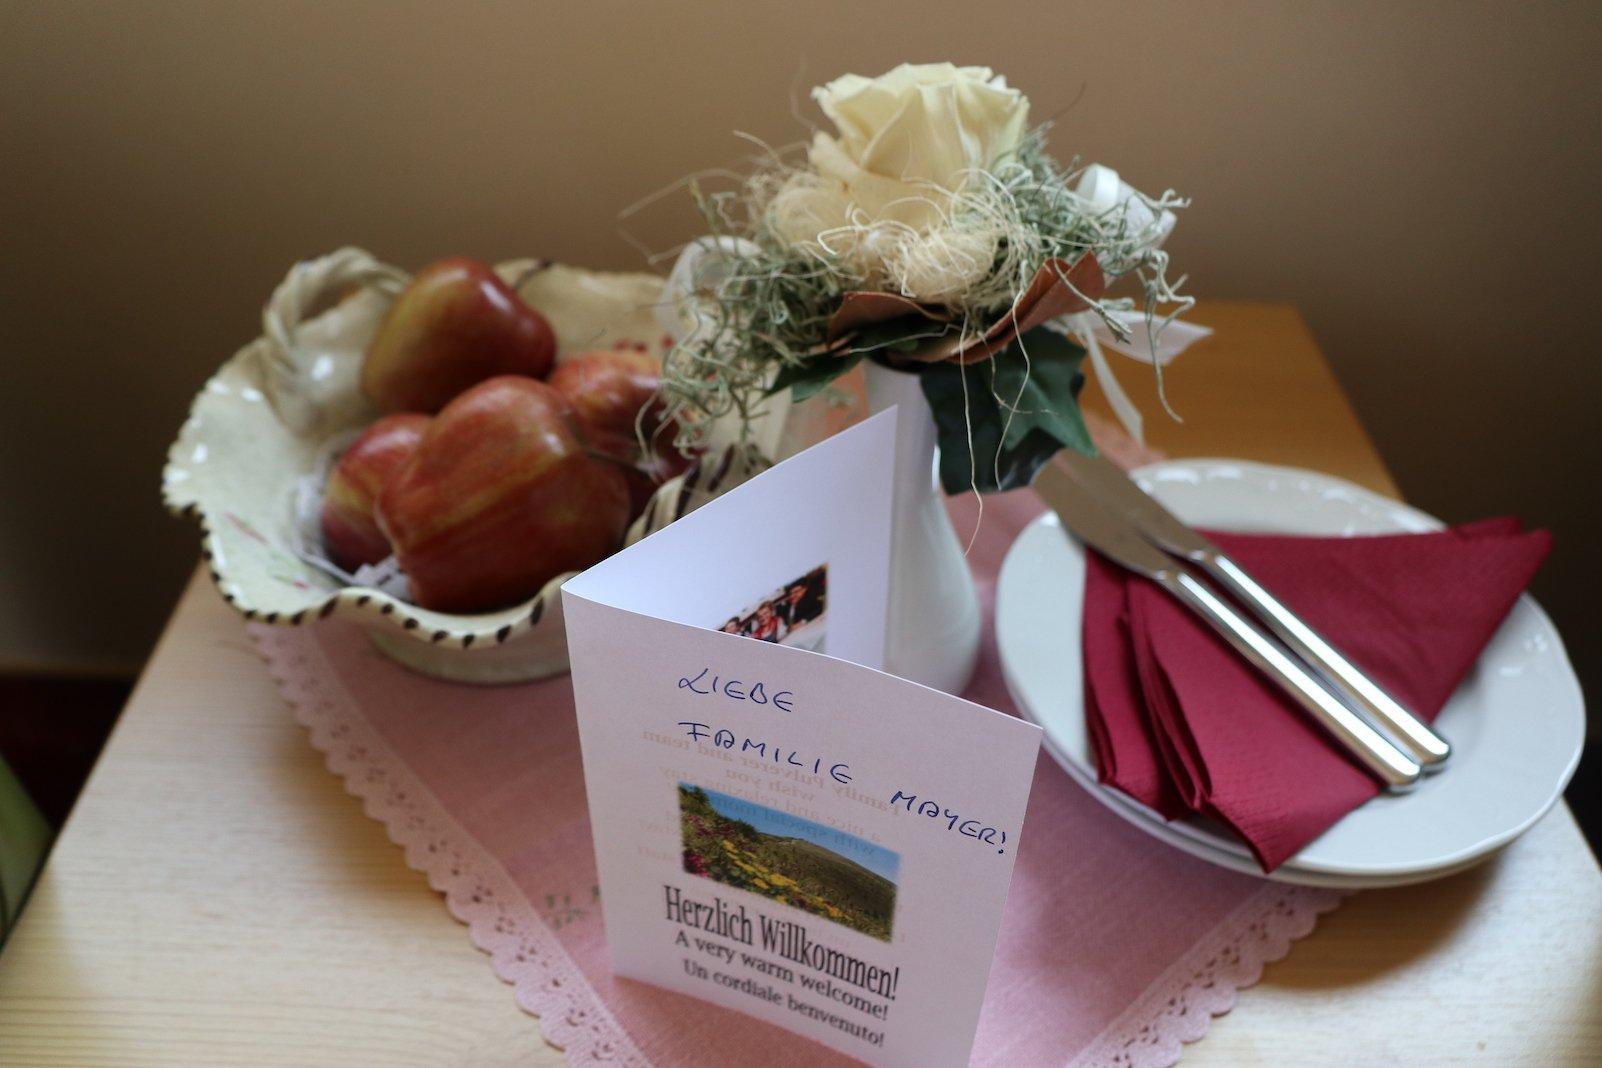 Obst und eine nette Karte zur Begrüßung im Hotel Pulverer